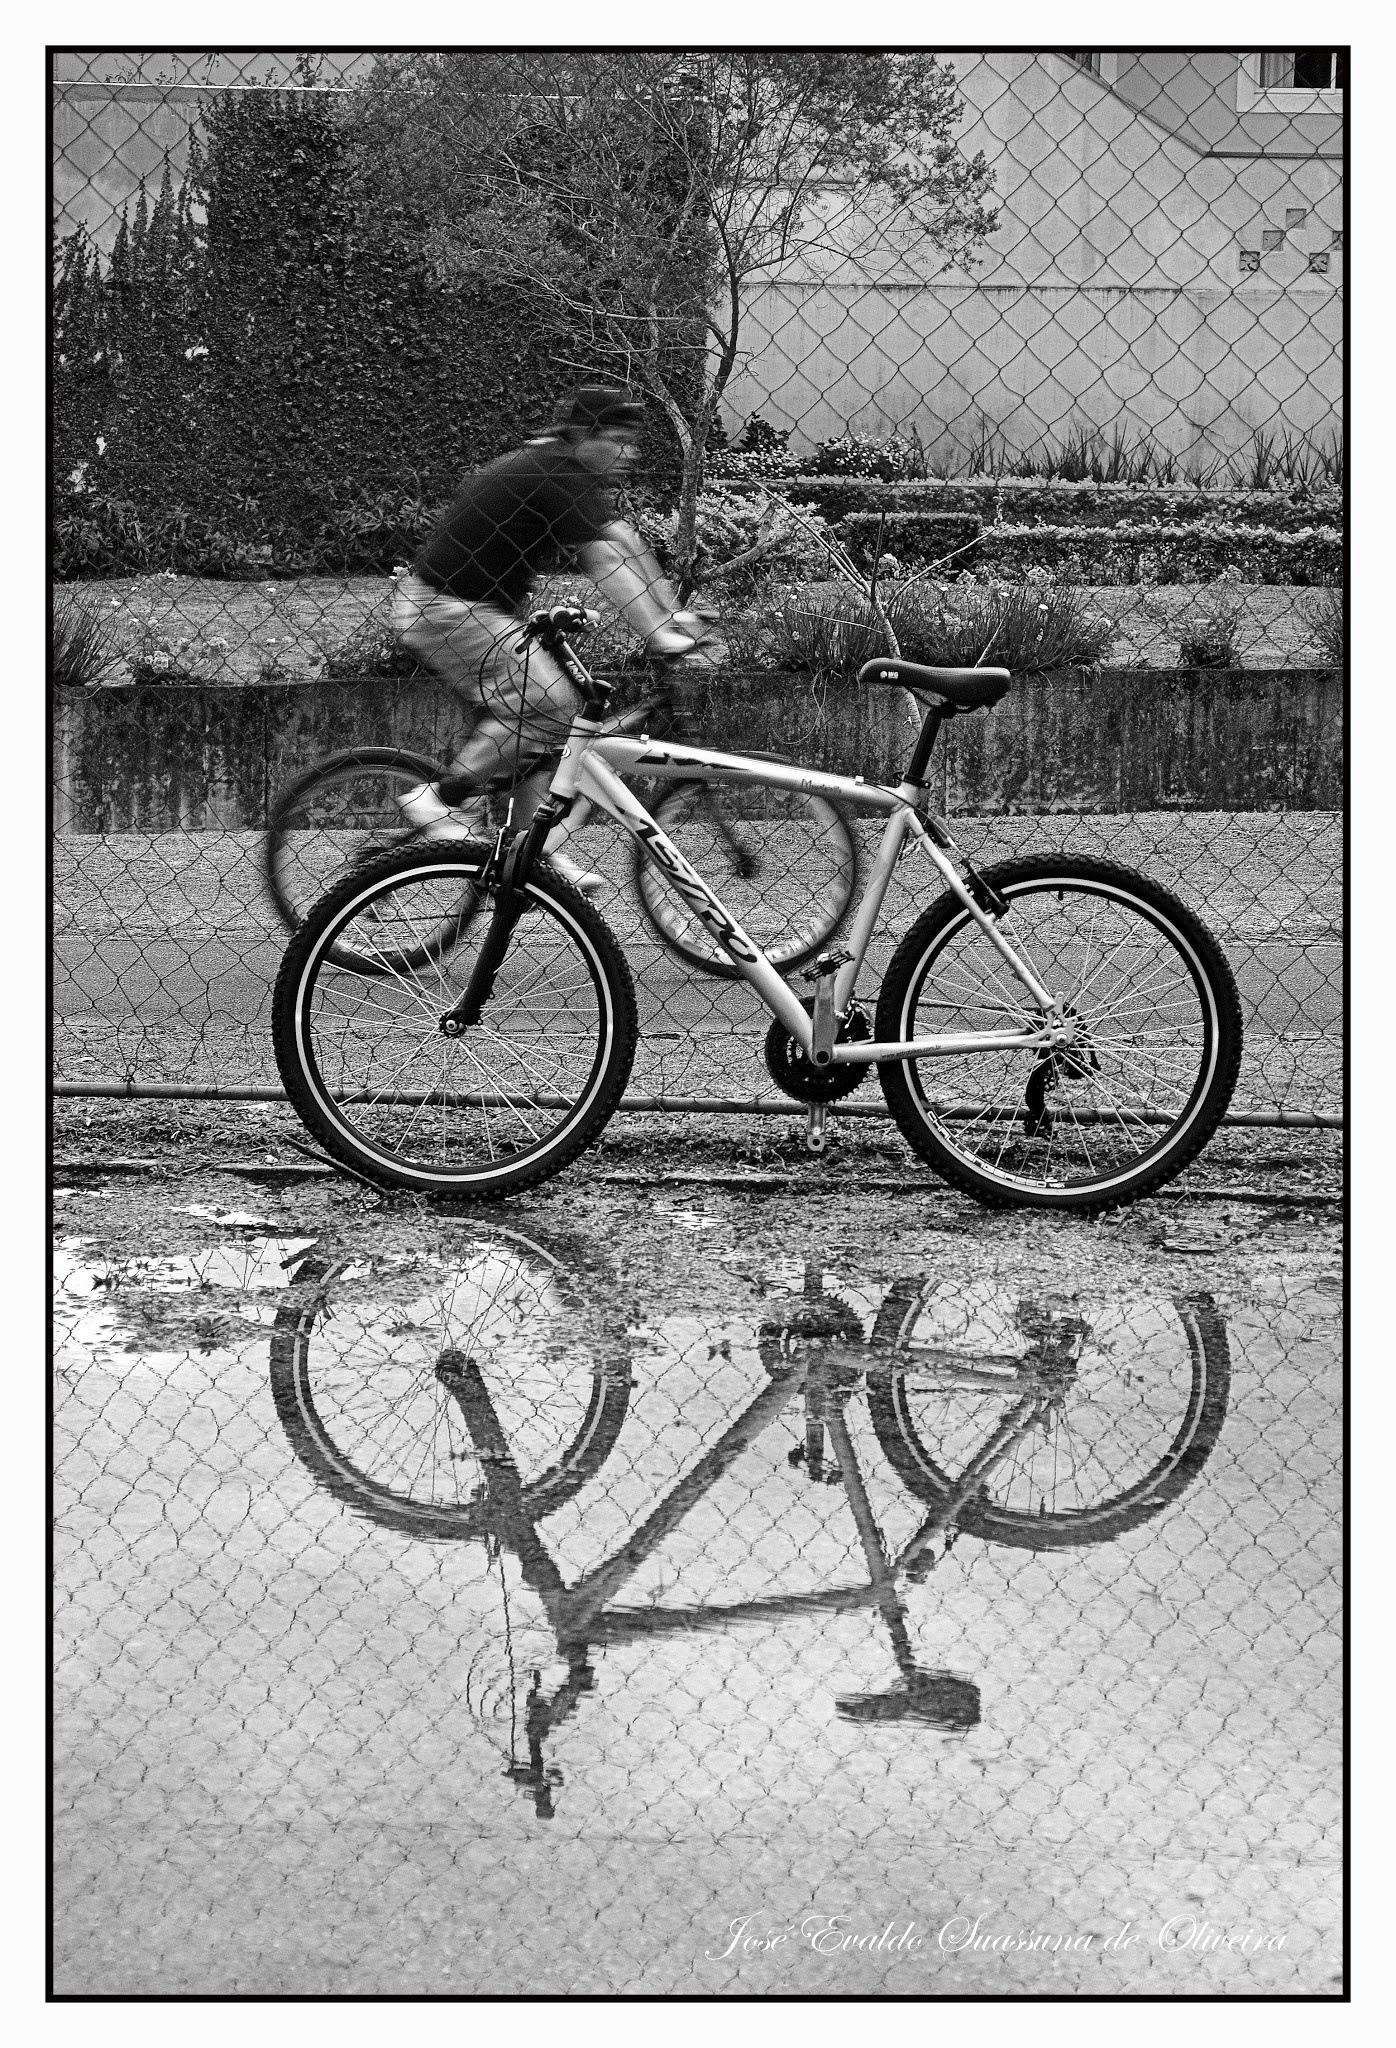 Biker by José Evaldo Suassuna de Oliveira